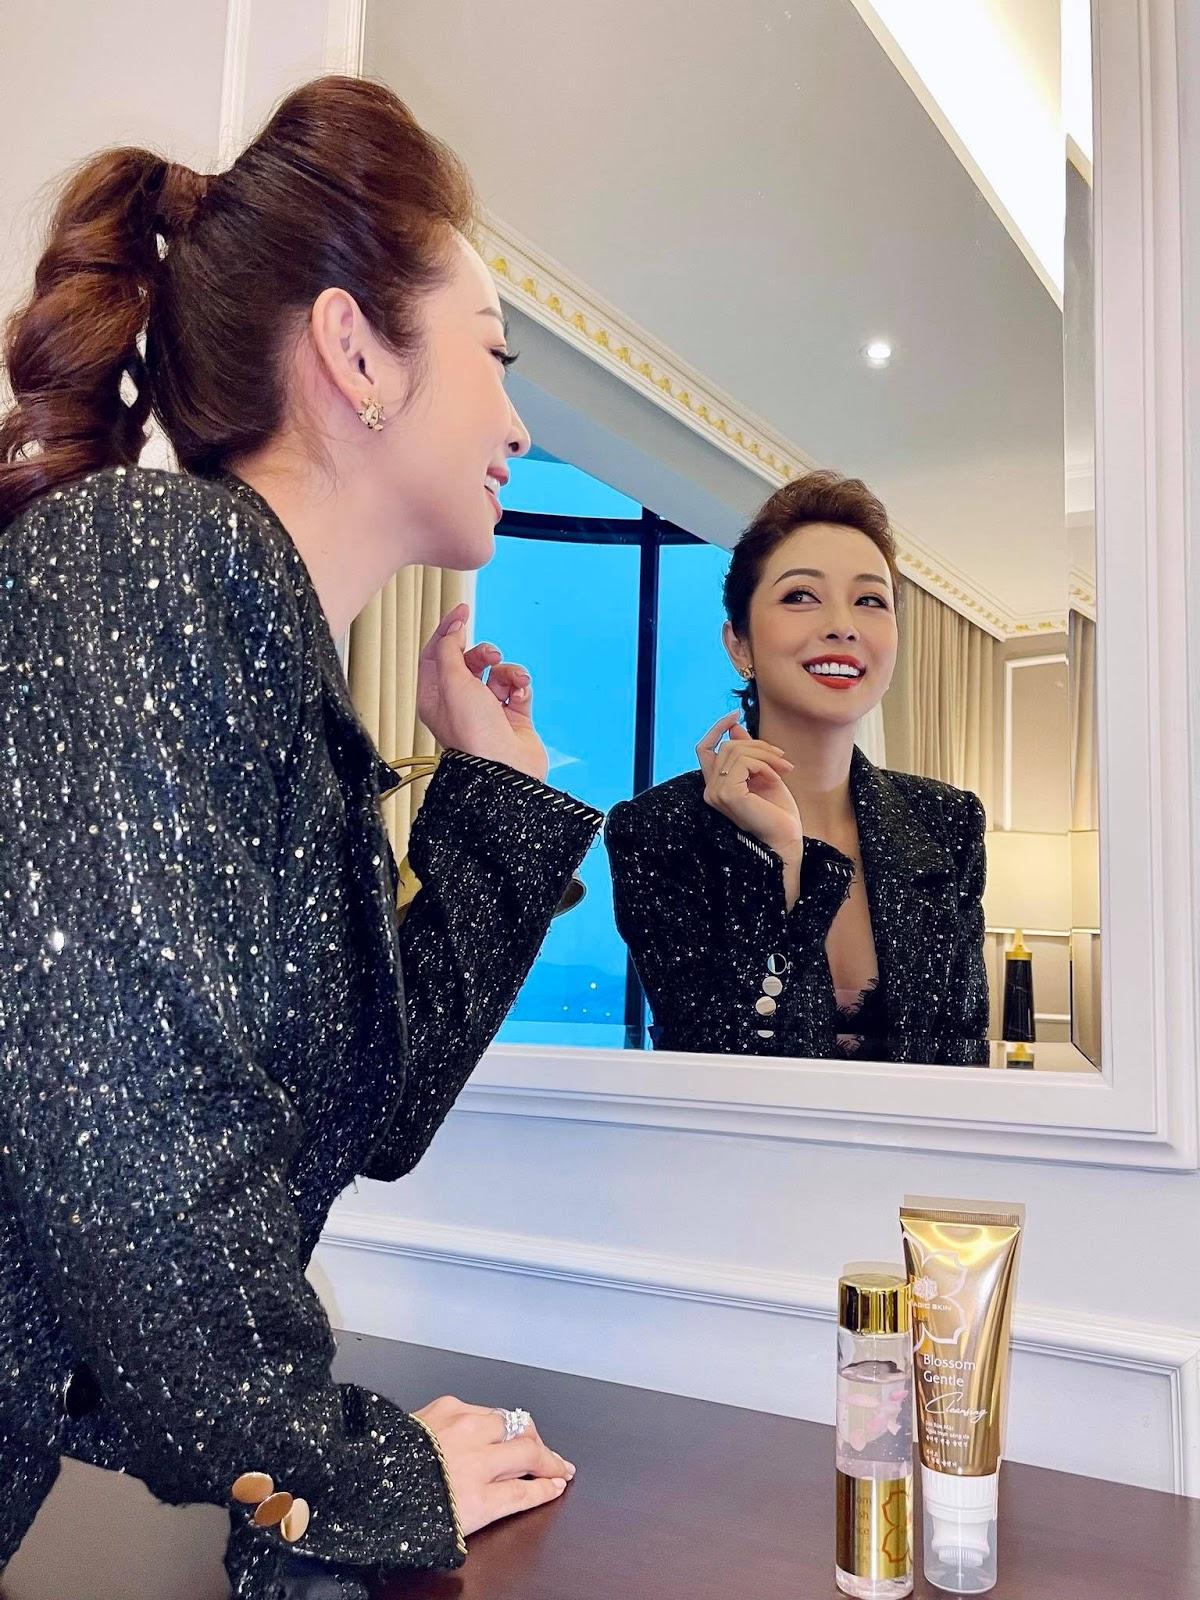 Hoa hậu Jennifer Phạm chia sẻ 4 tips phòng ngừa nám hiệu quả tại nhà - Ảnh 4